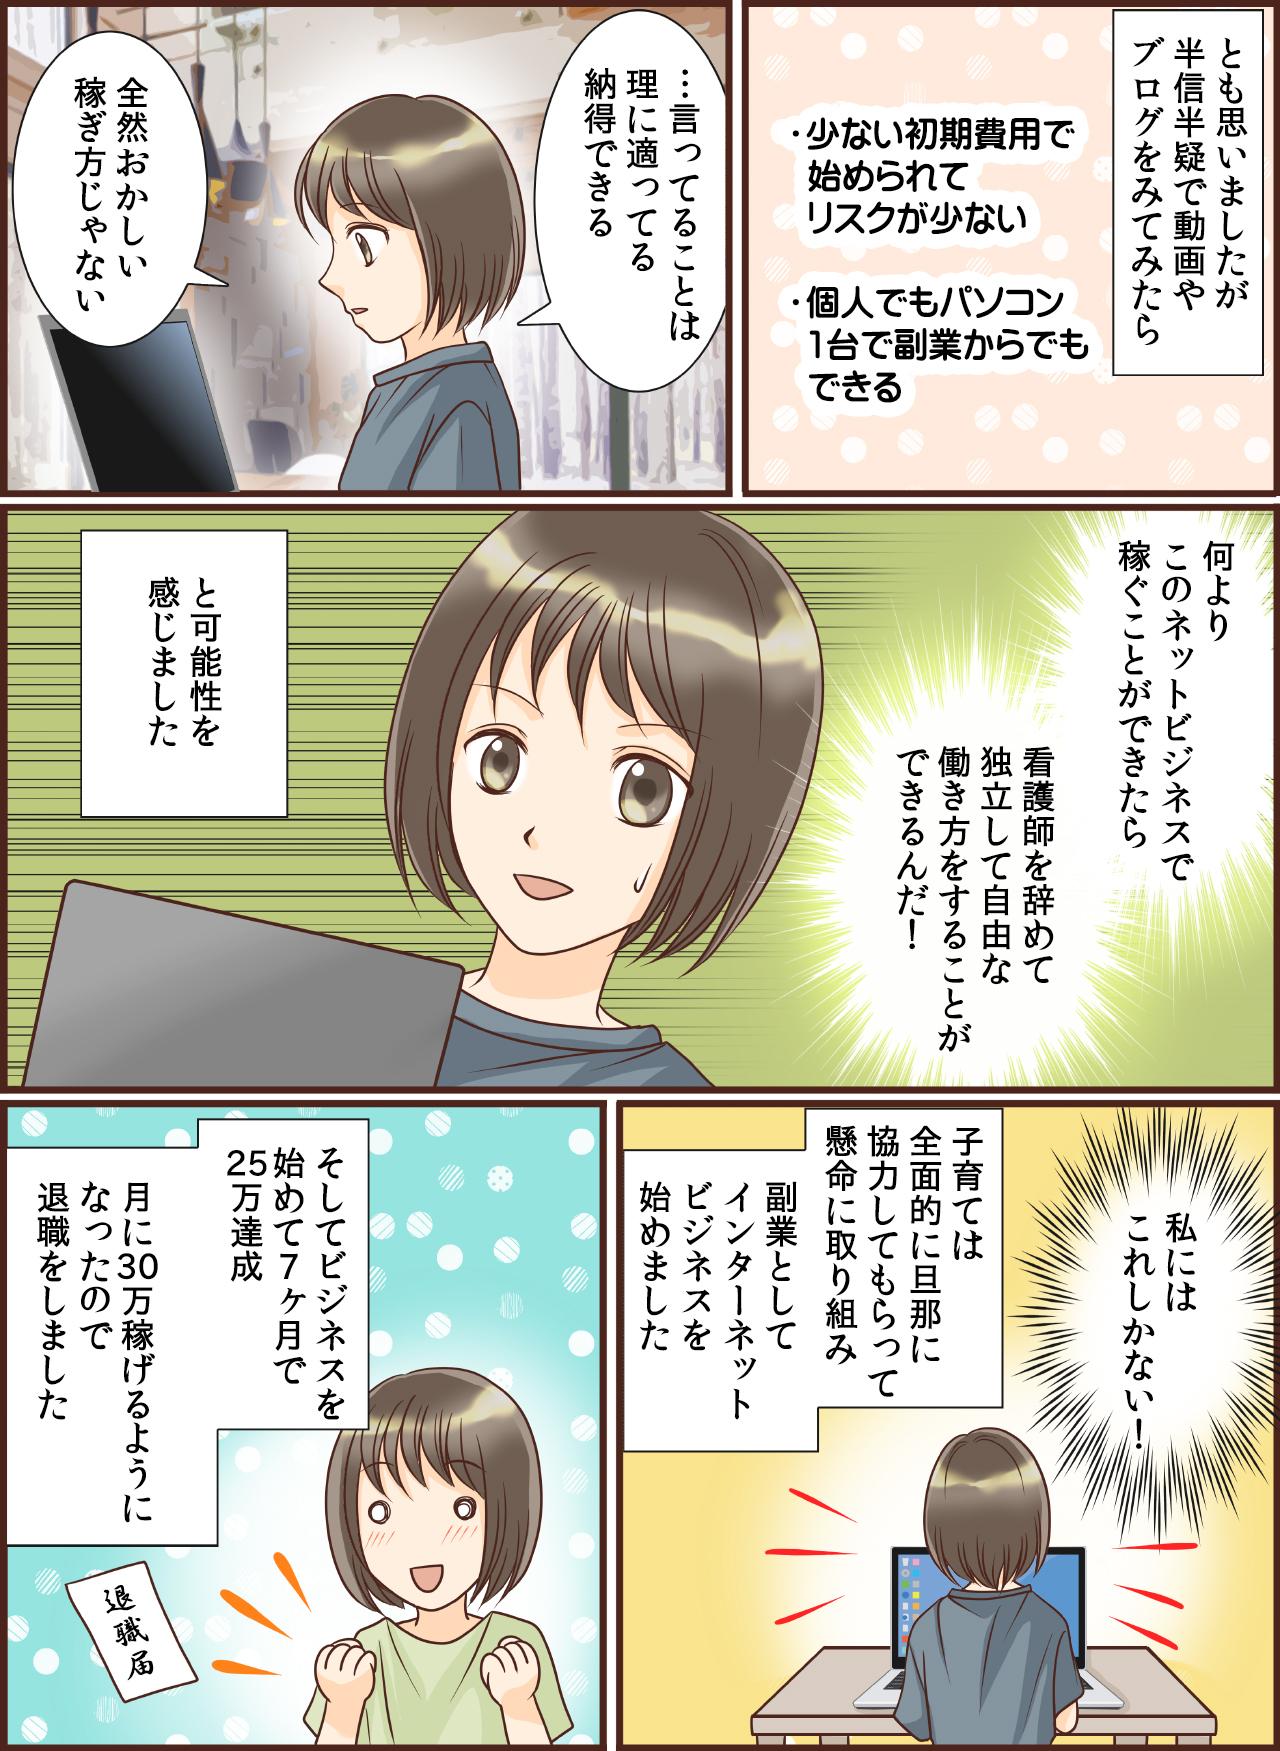 漫画LP修正5